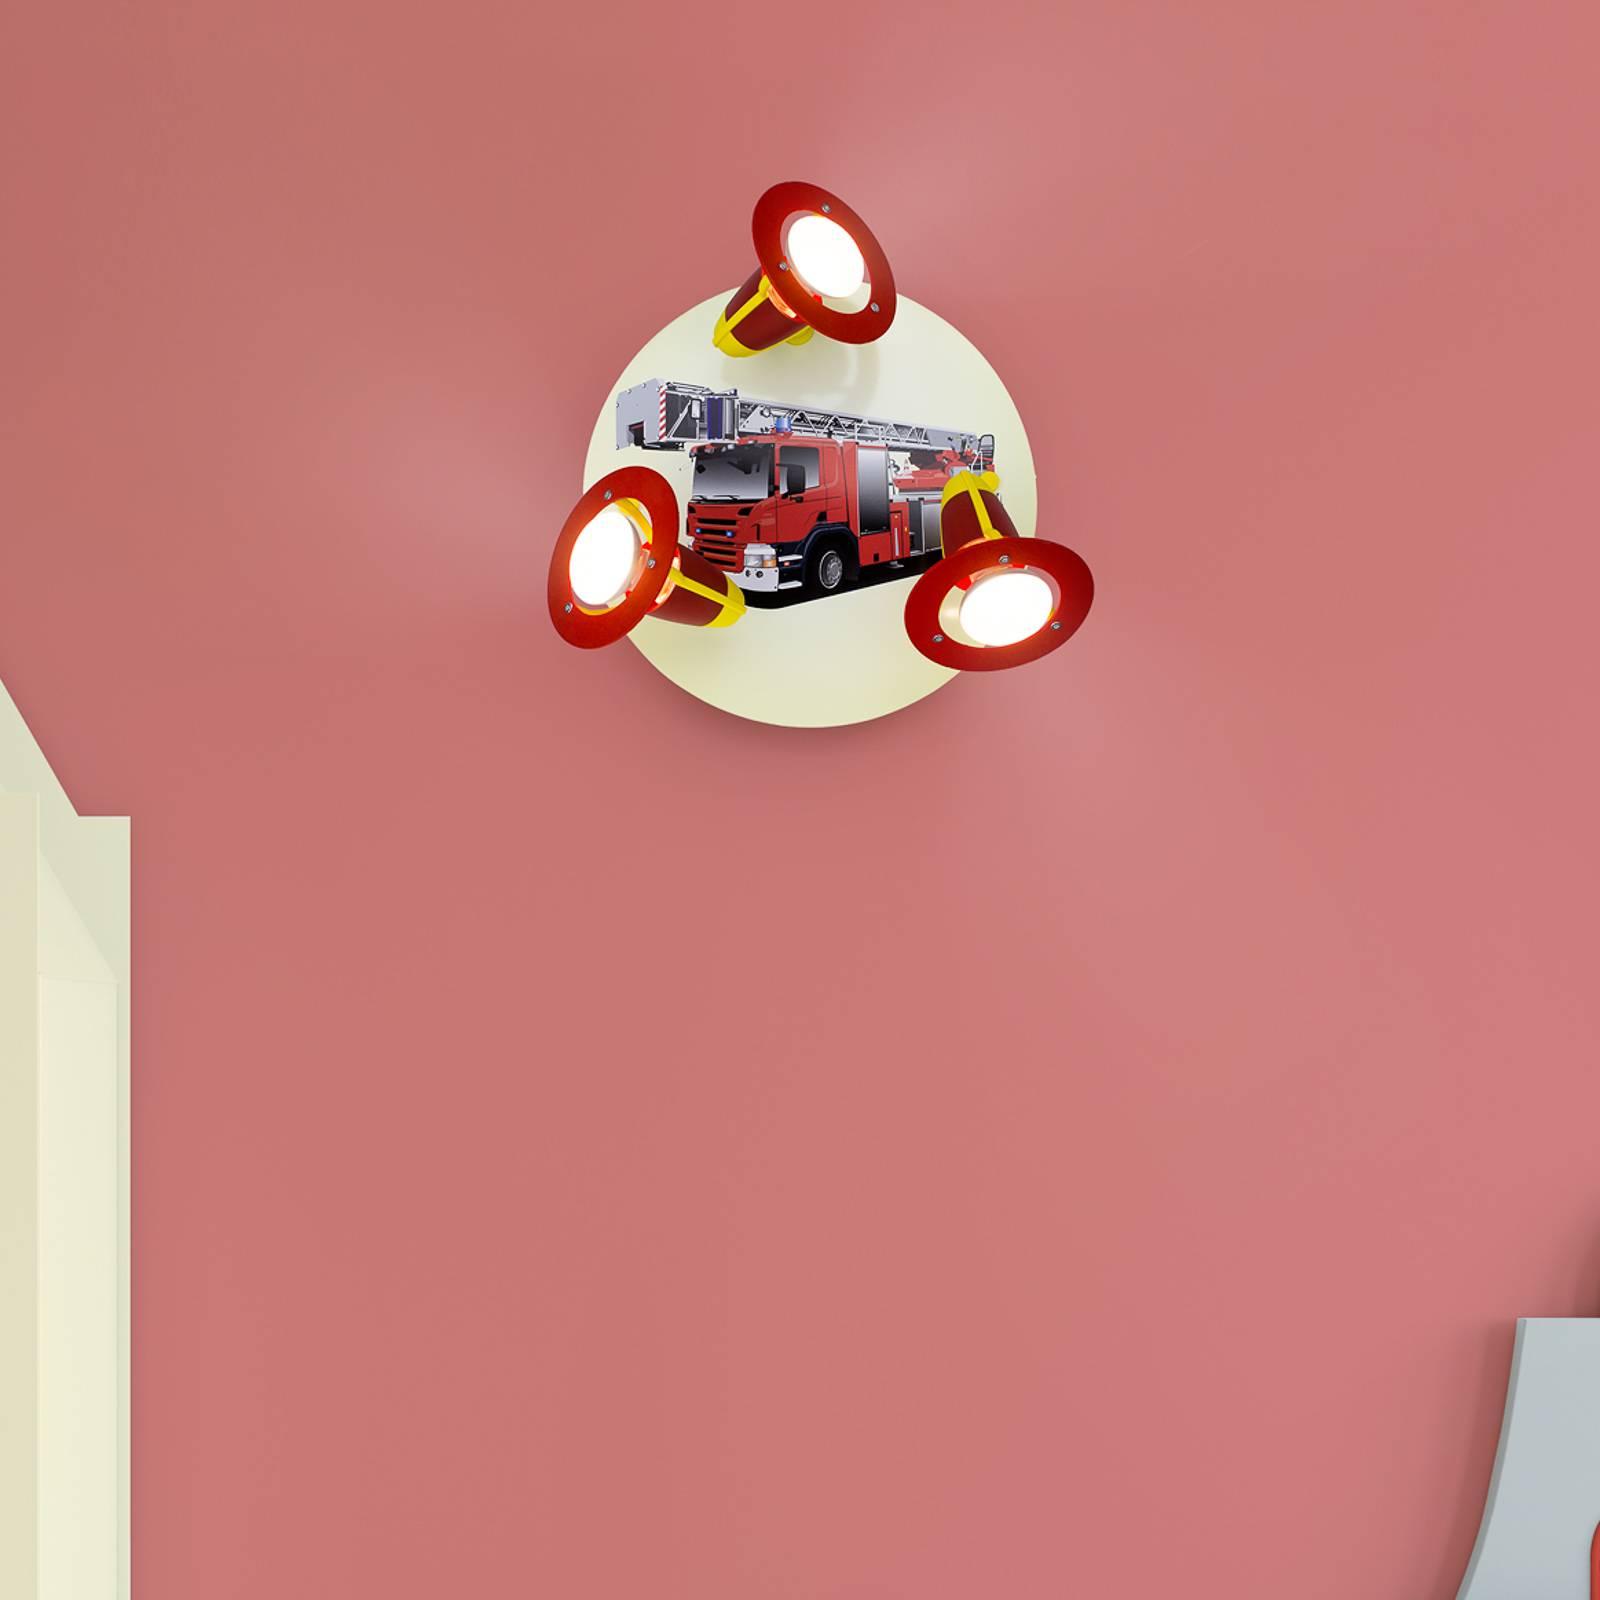 Wandleuchte Feuerwehrauto, rot-gelb, dreiflammig